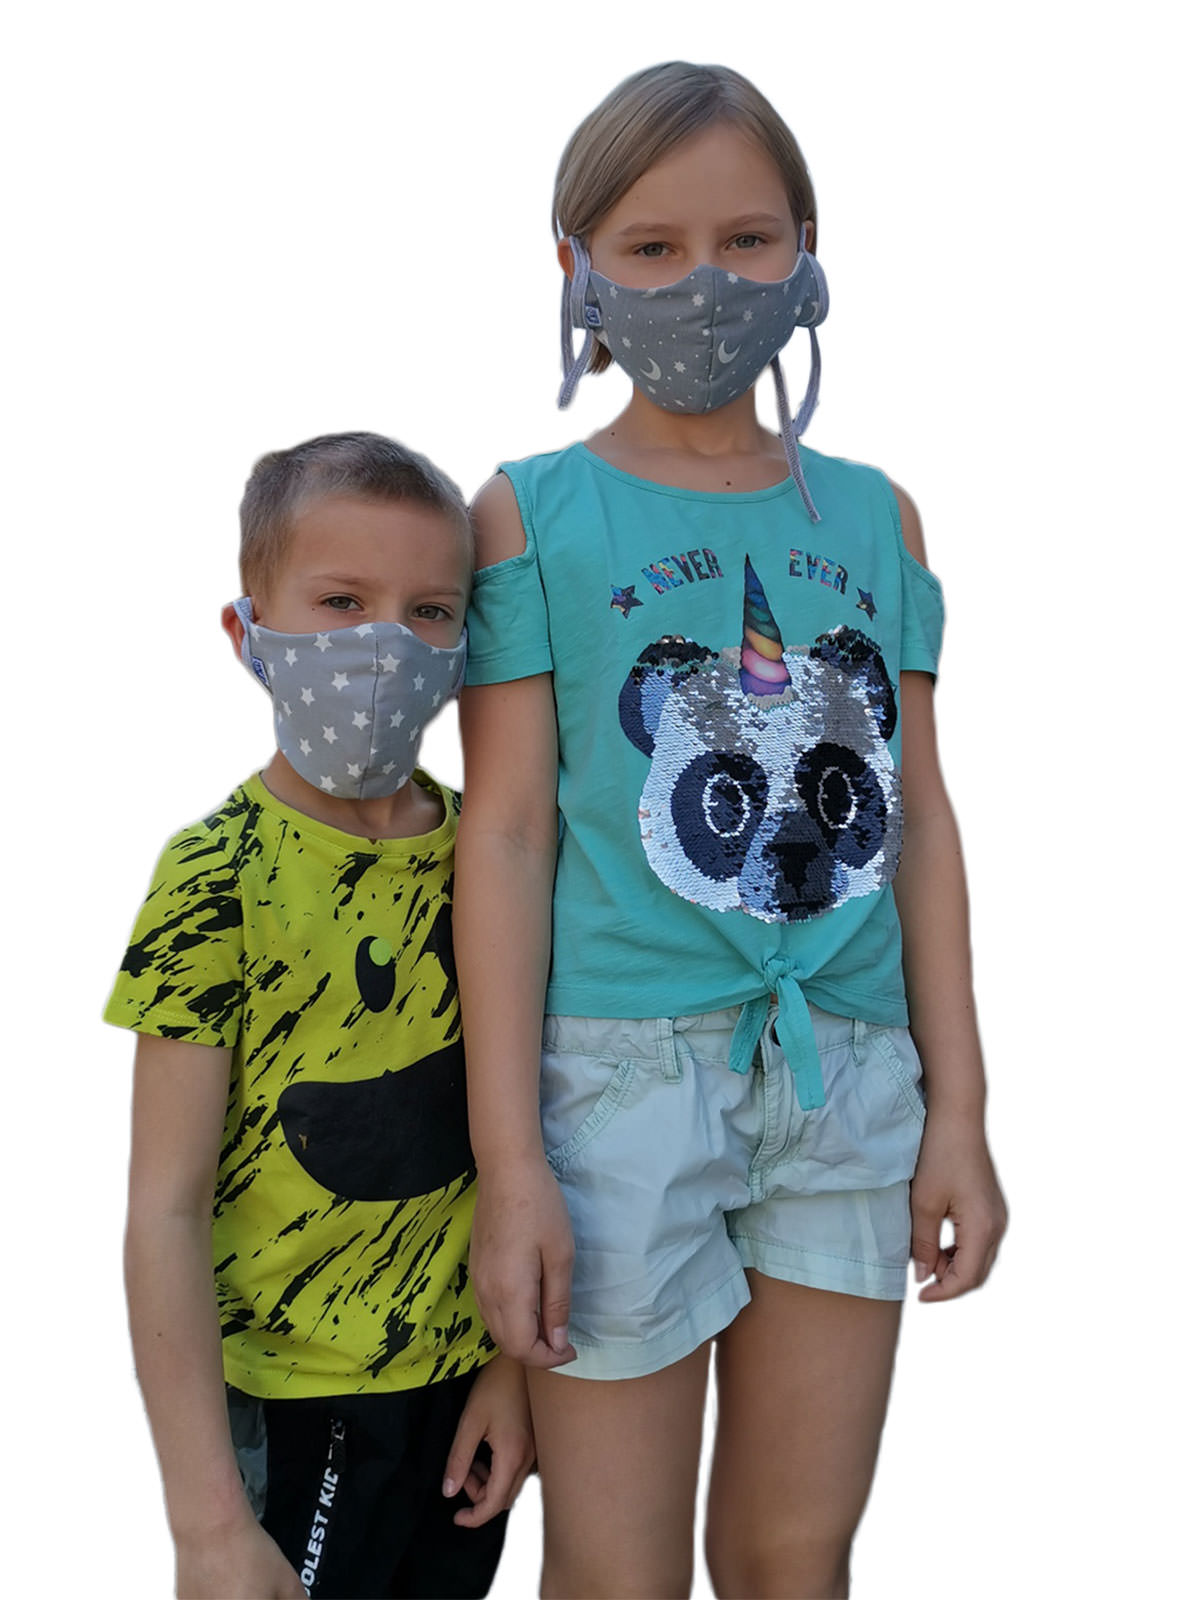 Gesichtsmaske für Kinder kaufen